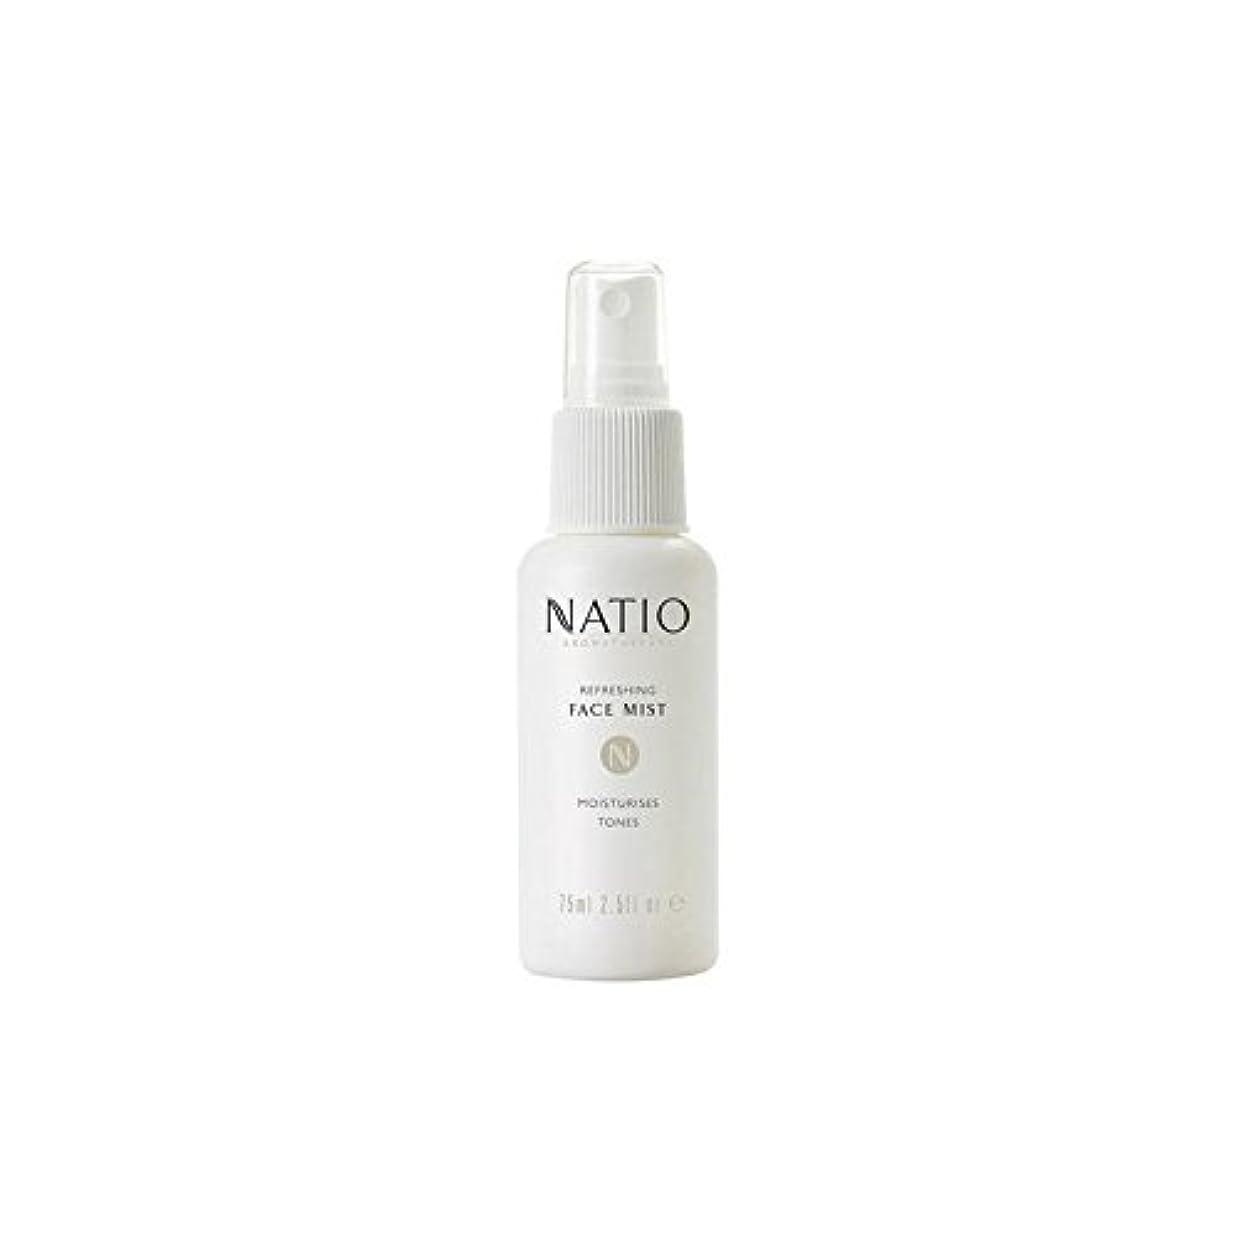 高くブルジョン差さわやかな顔ミスト(75ミリリットル) x2 - Natio Refreshing Face Mist (75ml) (Pack of 2) [並行輸入品]